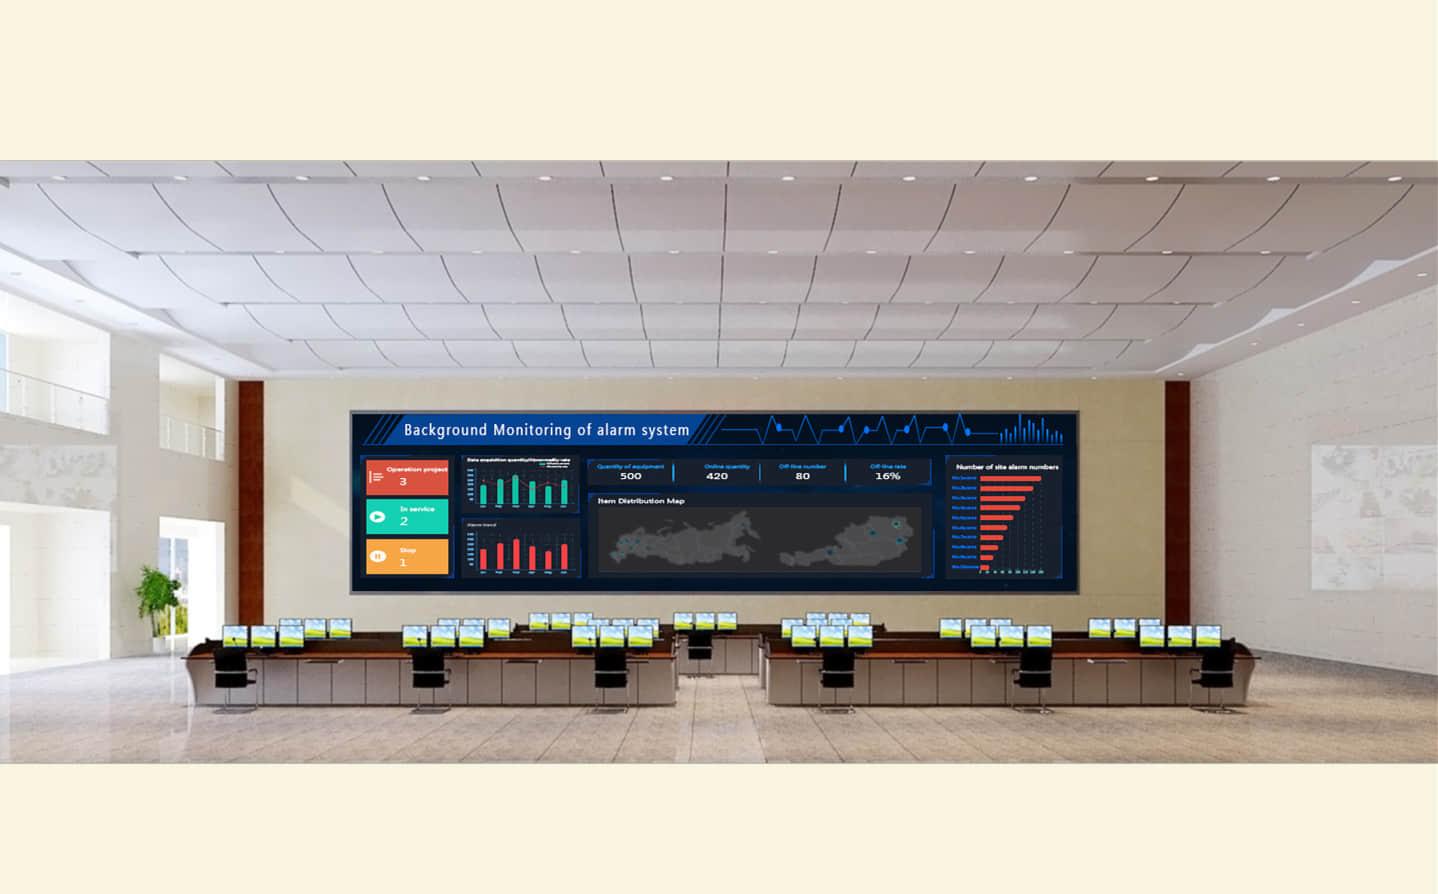 可视化监控室-LED显示屏